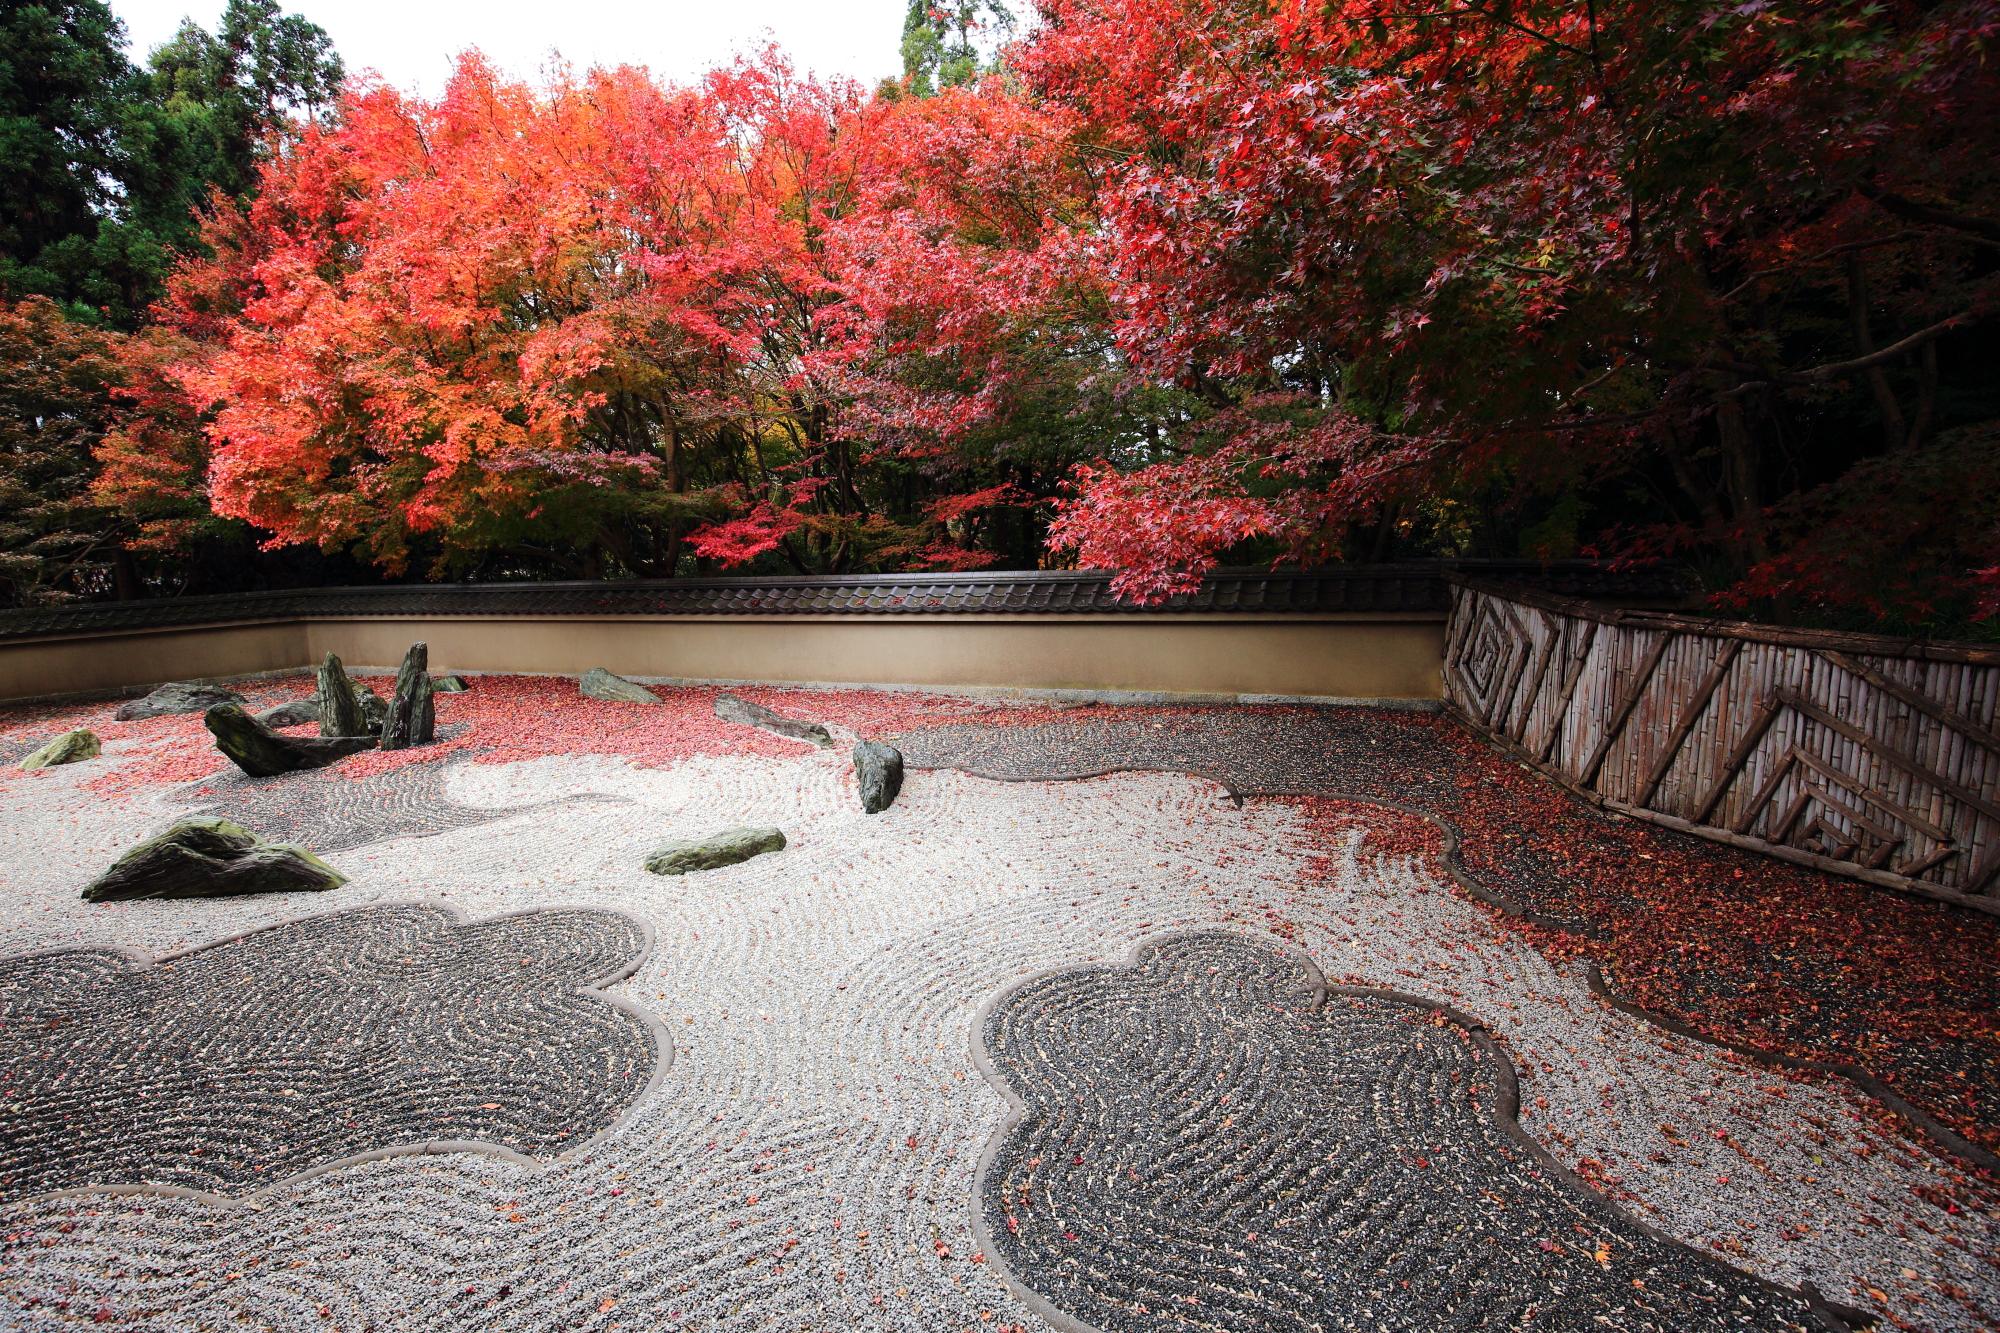 もみじの名所の重森三玲作の龍吟庵の龍の庭の見ごろの紅葉